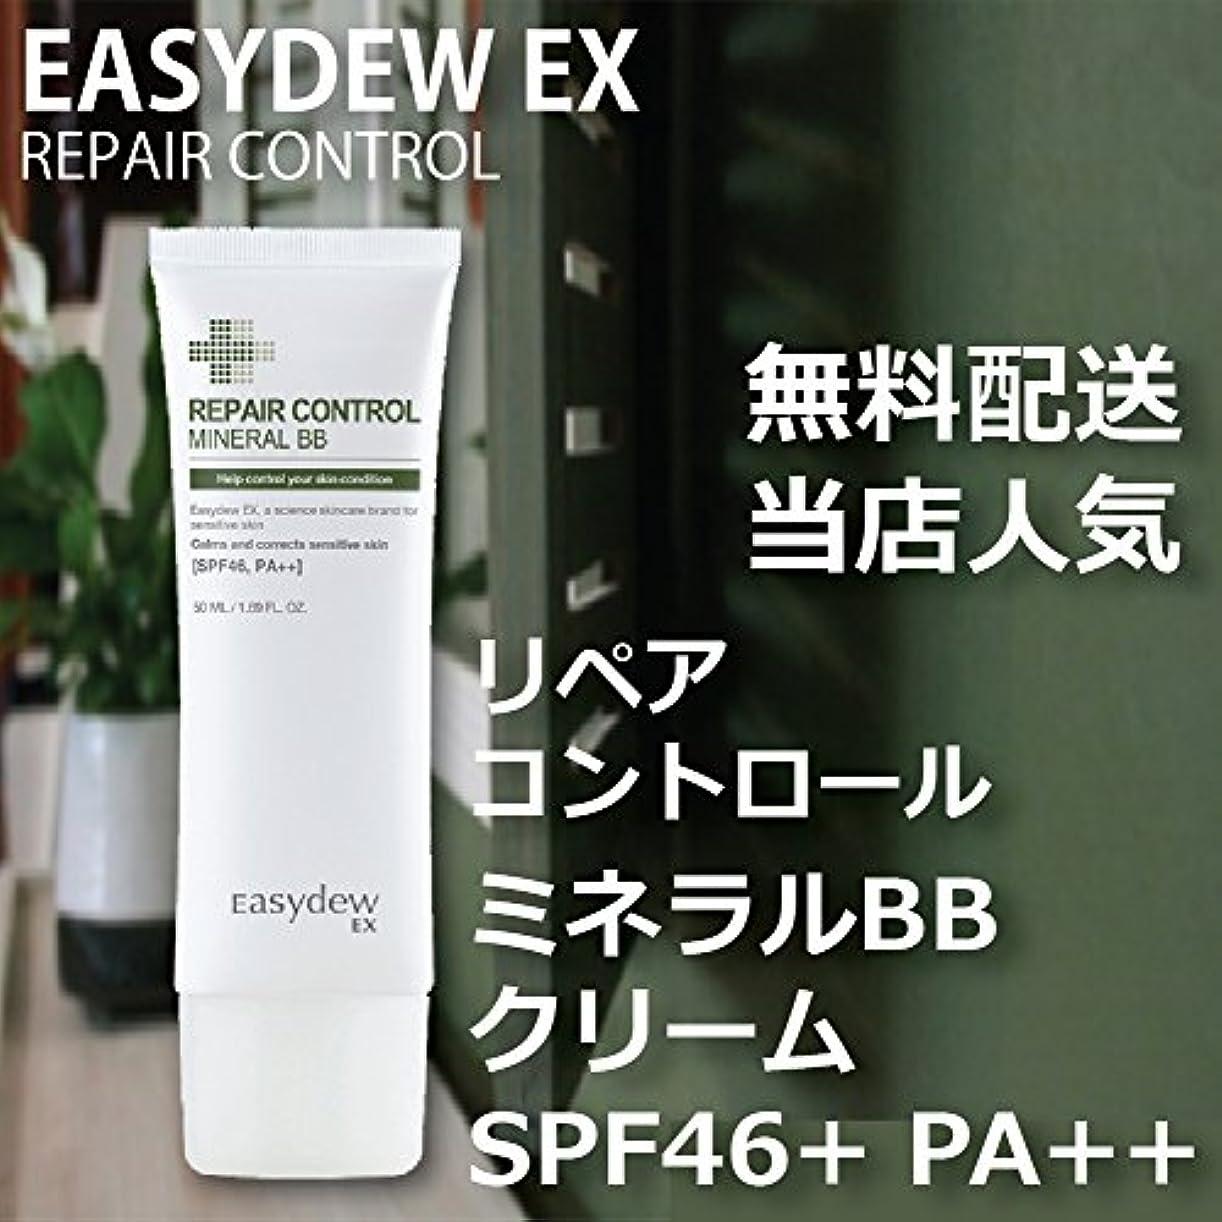 褒賞リングレット虫を数えるEASY DEW EX ミネラル BBクリーム SPF46+ PA++ 50ml MINRAL BB CREAM 韓国 人気 コスメ イージーデュー 敏感 乾燥 美白 しわ 3重機能性